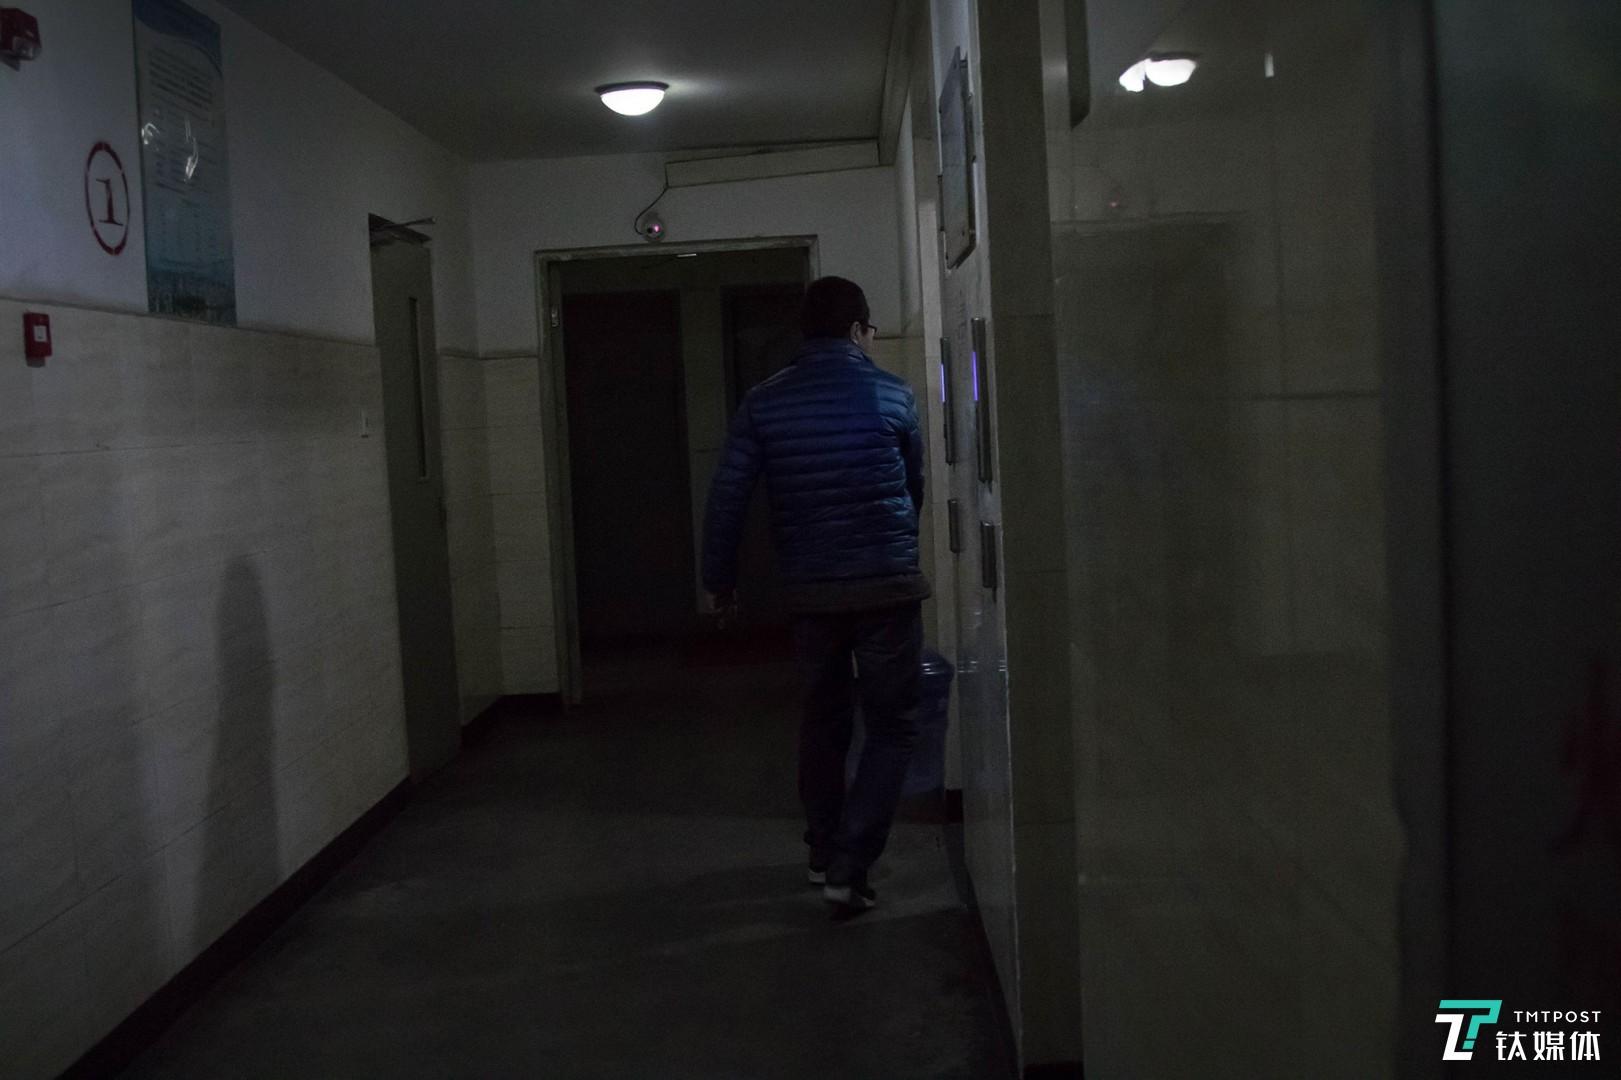 晚上9点左右,唐元给一名住户送桶装水。